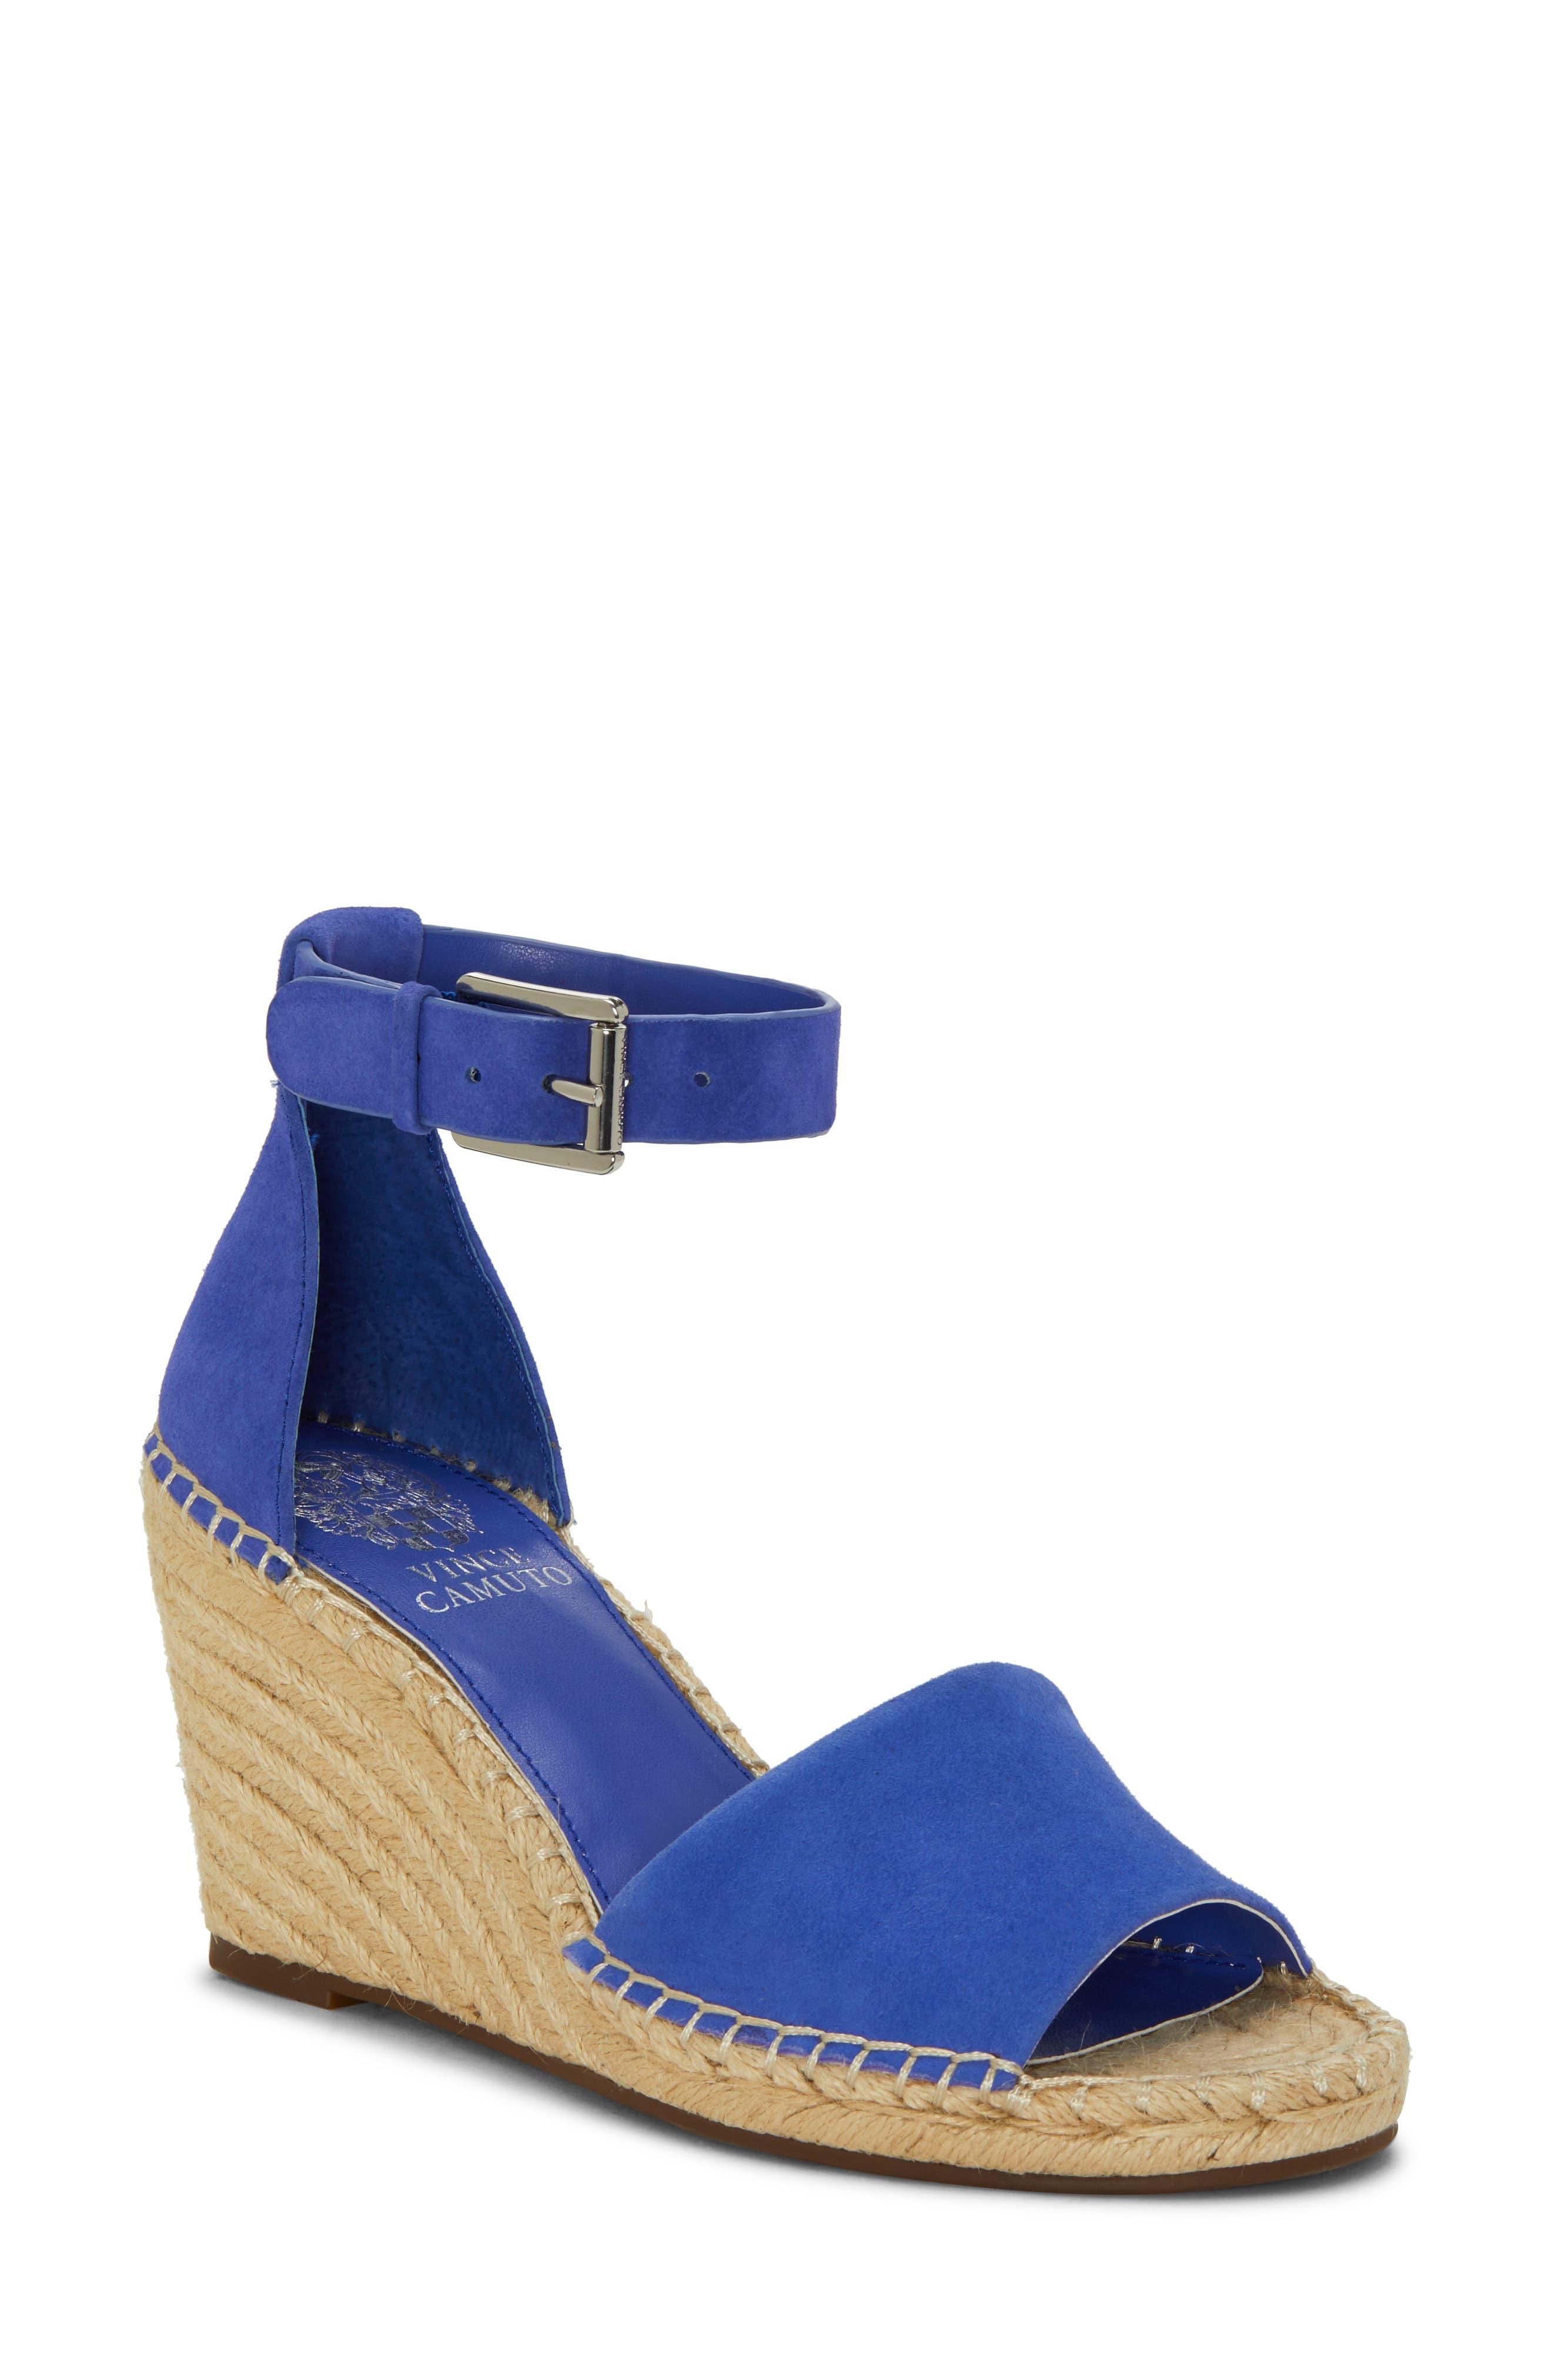 Leera Wedge Sandal, Main, color, 510